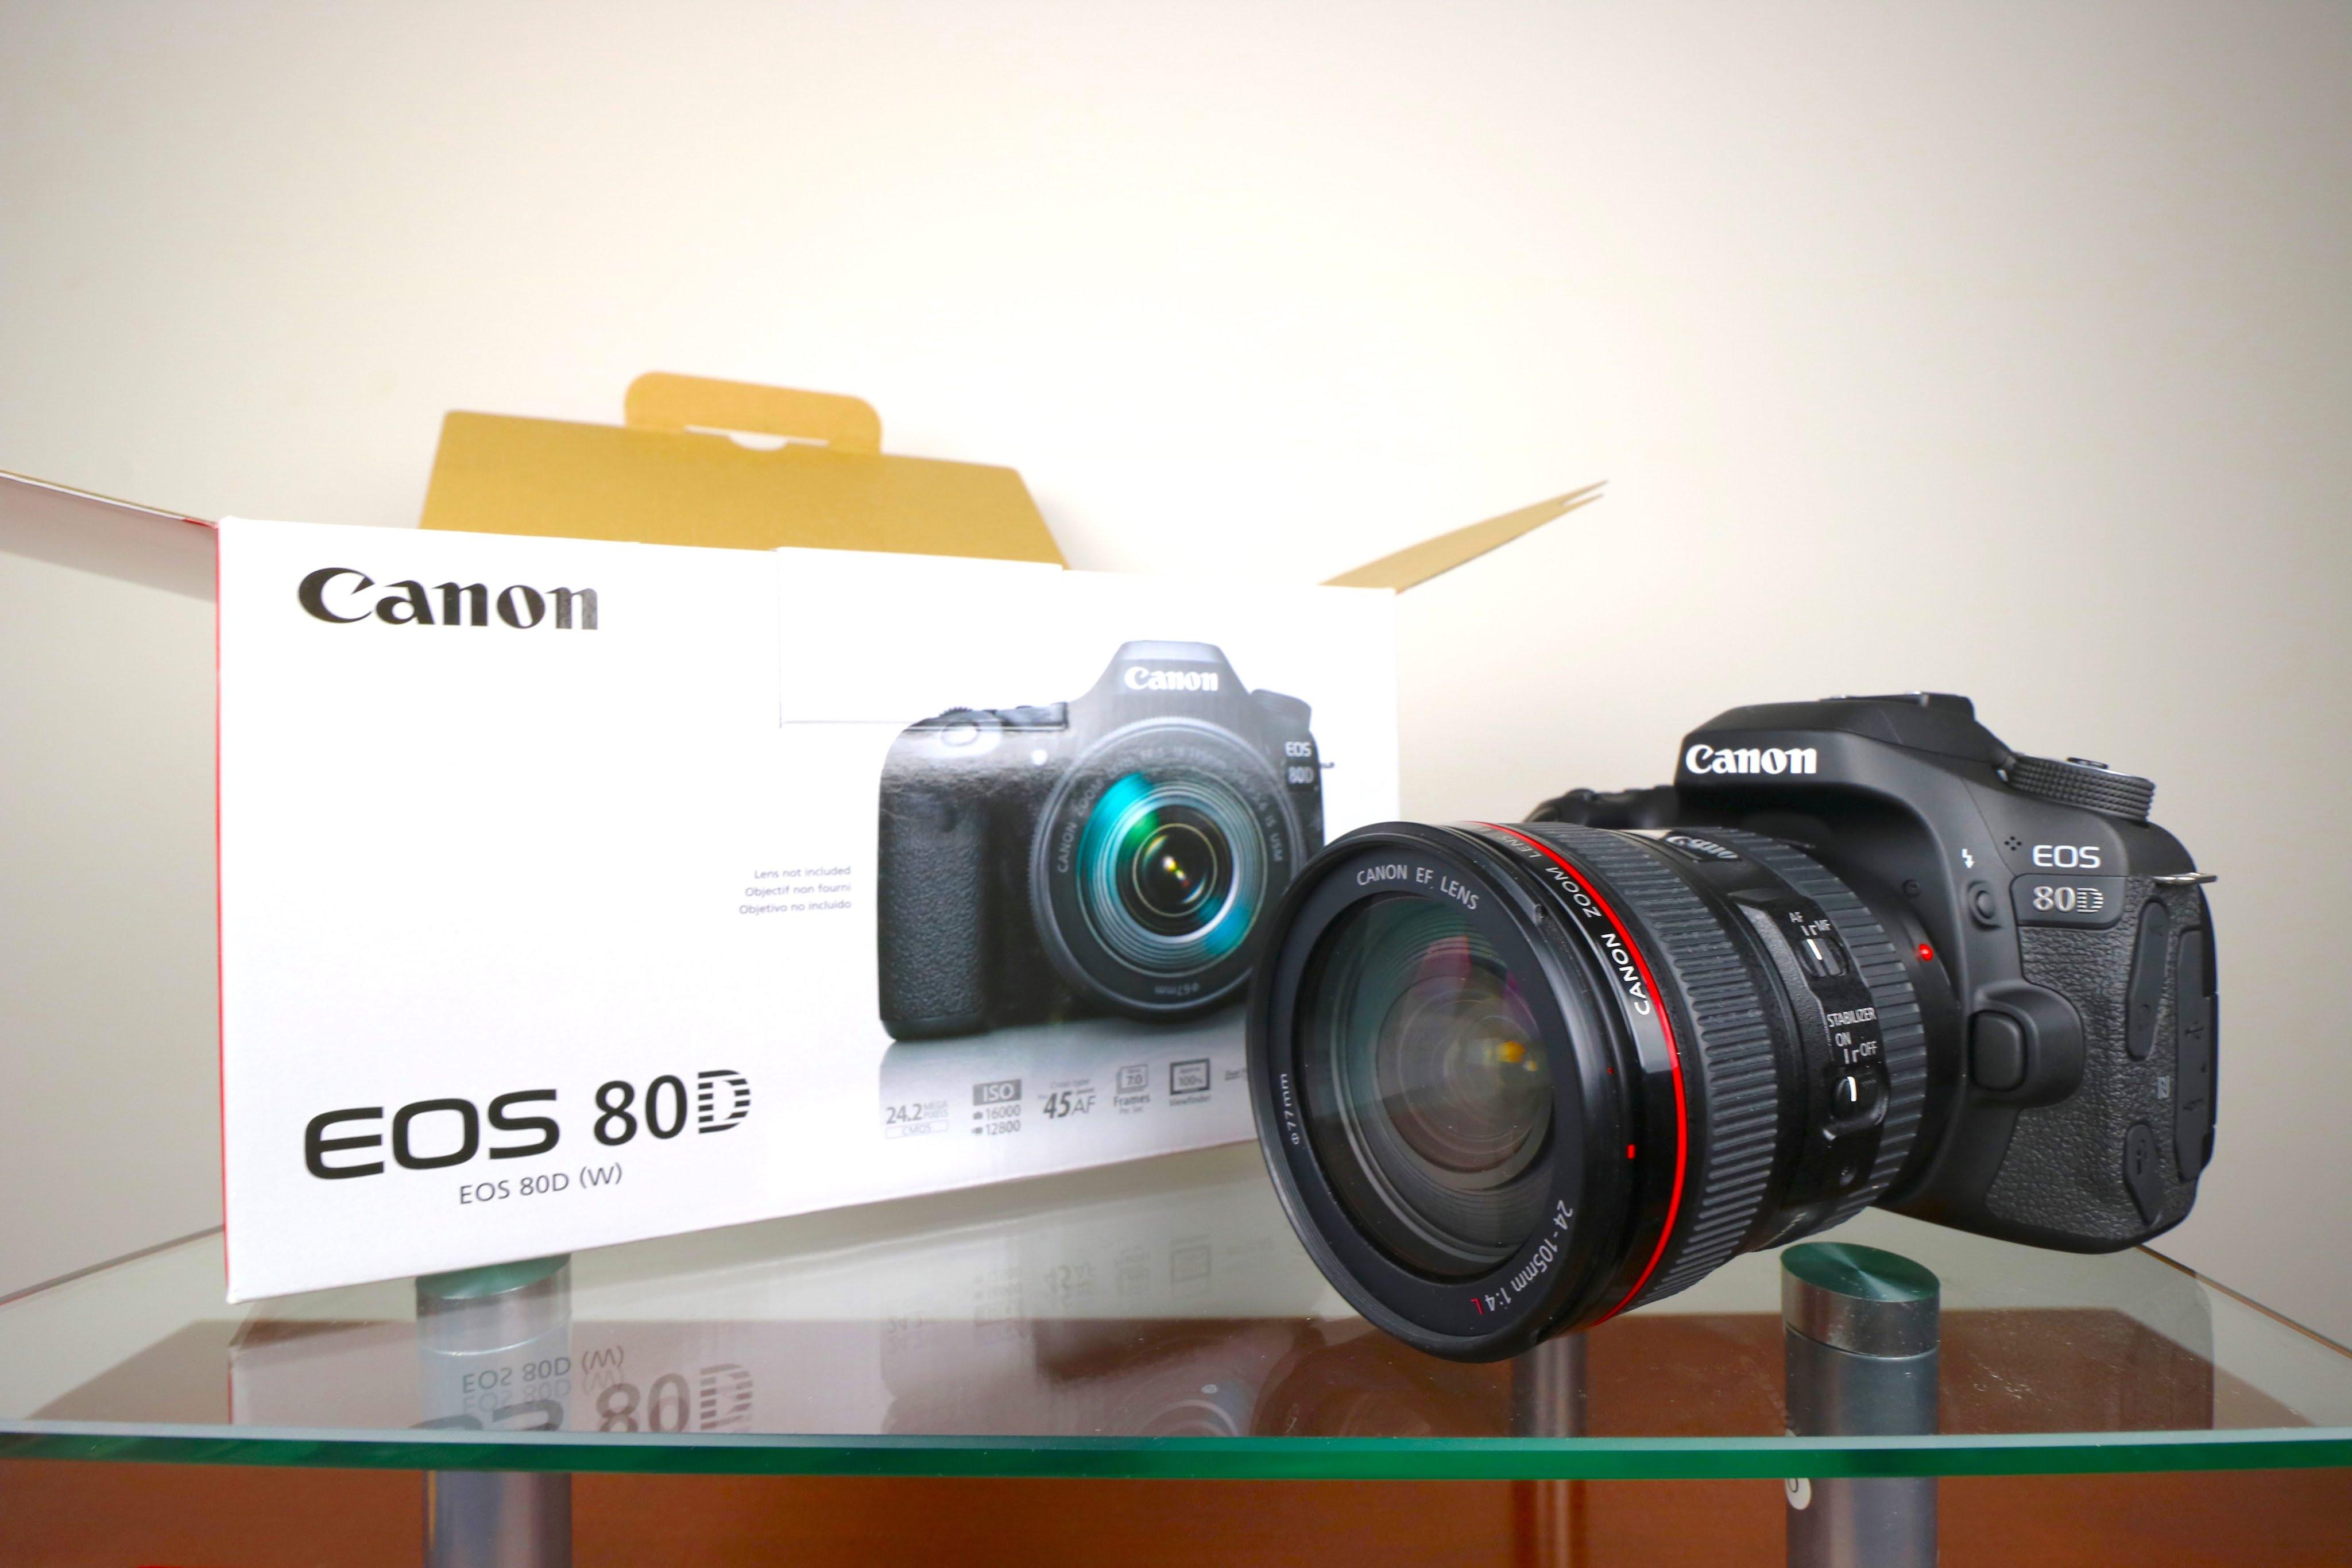 Canon Eos 80d Kamera Semi Pro Dengan Teknologi Auto Fokus Terbaik 7d Mark Ii Body W E1 Wifi Garansi Resmi Terbaru